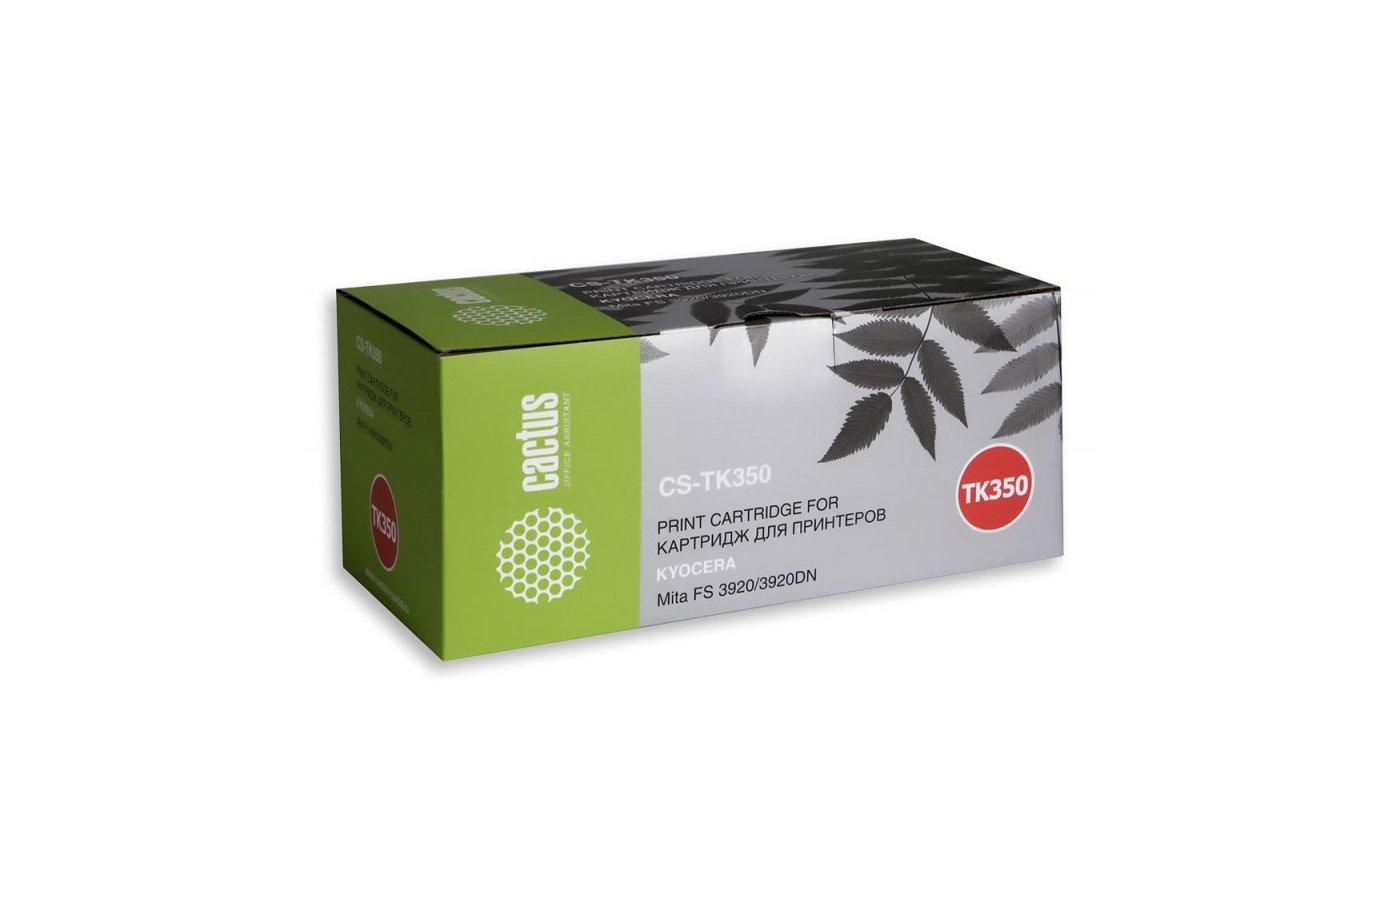 Картридж лазерный Cactus CS-TK350 совместимый черный для Kyocera Mita FS 3920/3920DN (15000стр.)